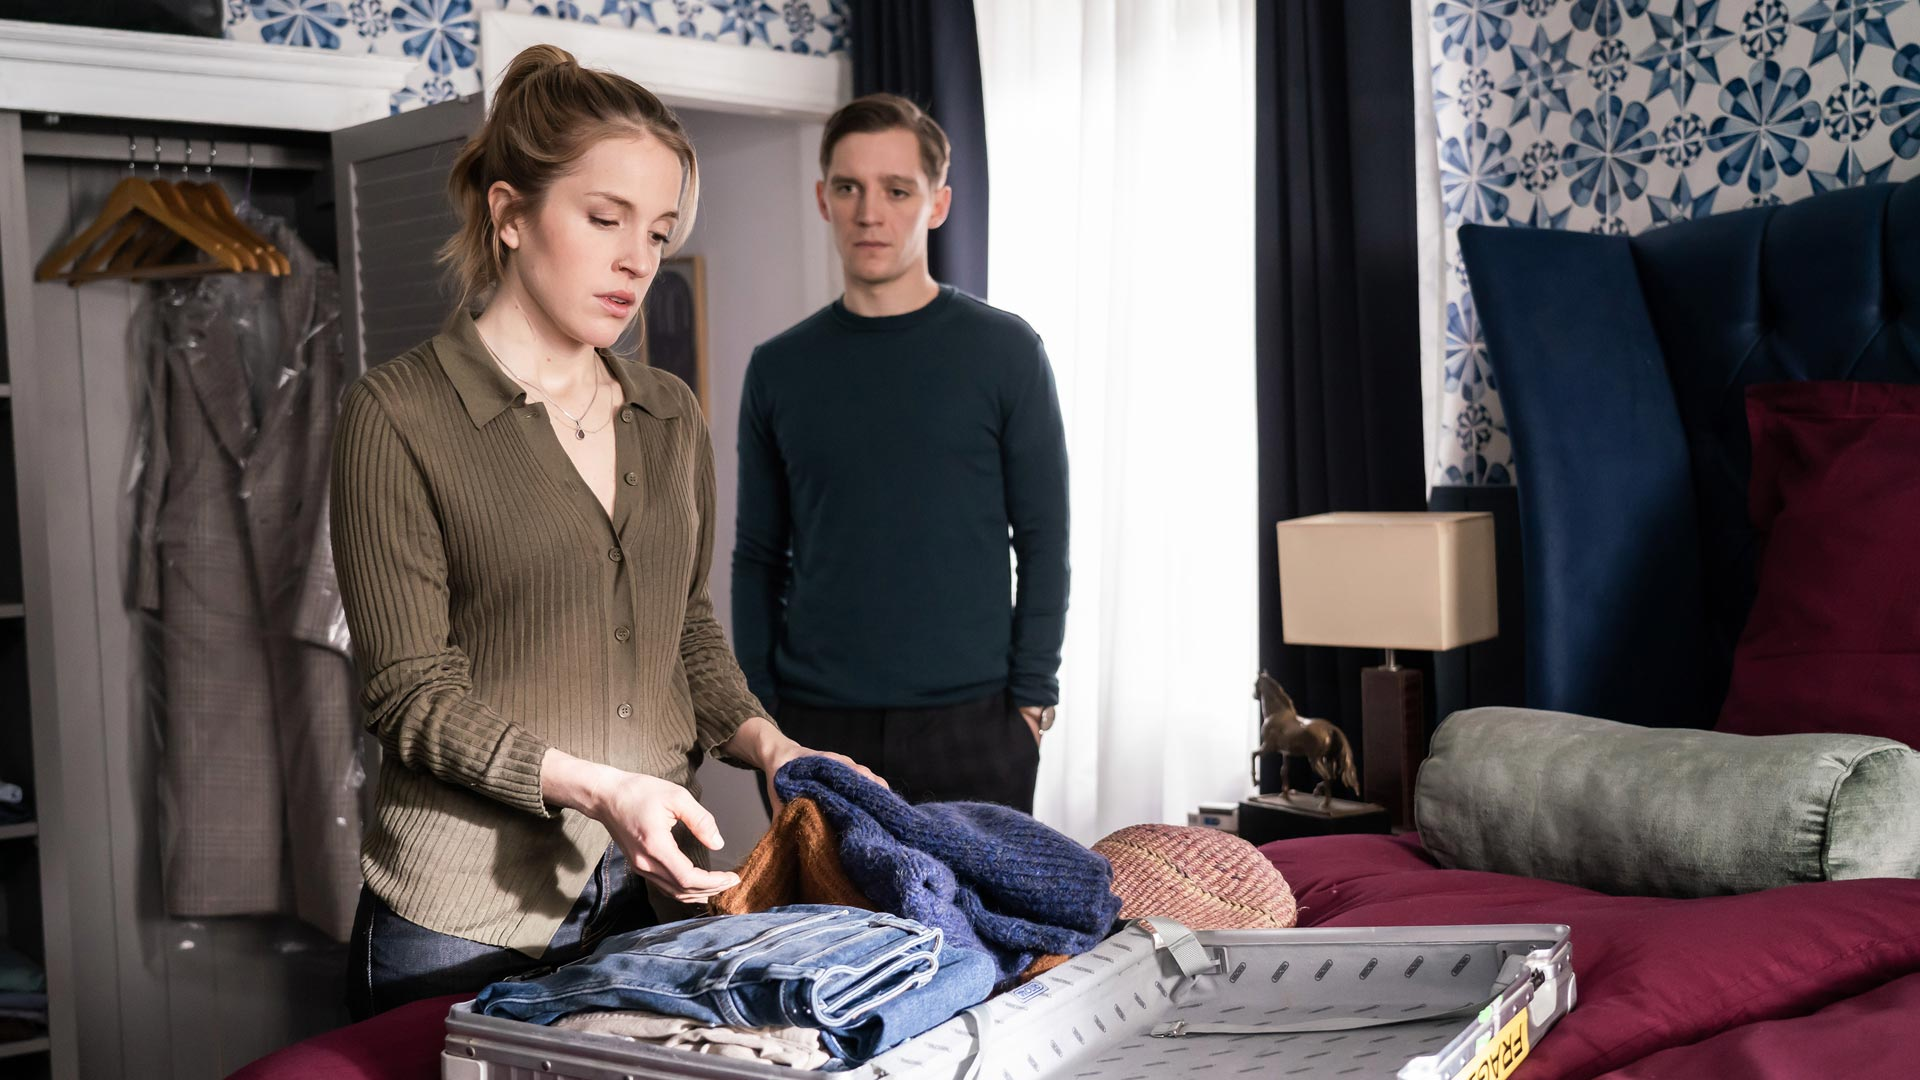 Maria (Paula Kalenberg) und Nils (Jonas Nay) stehen im Schlafzimmer